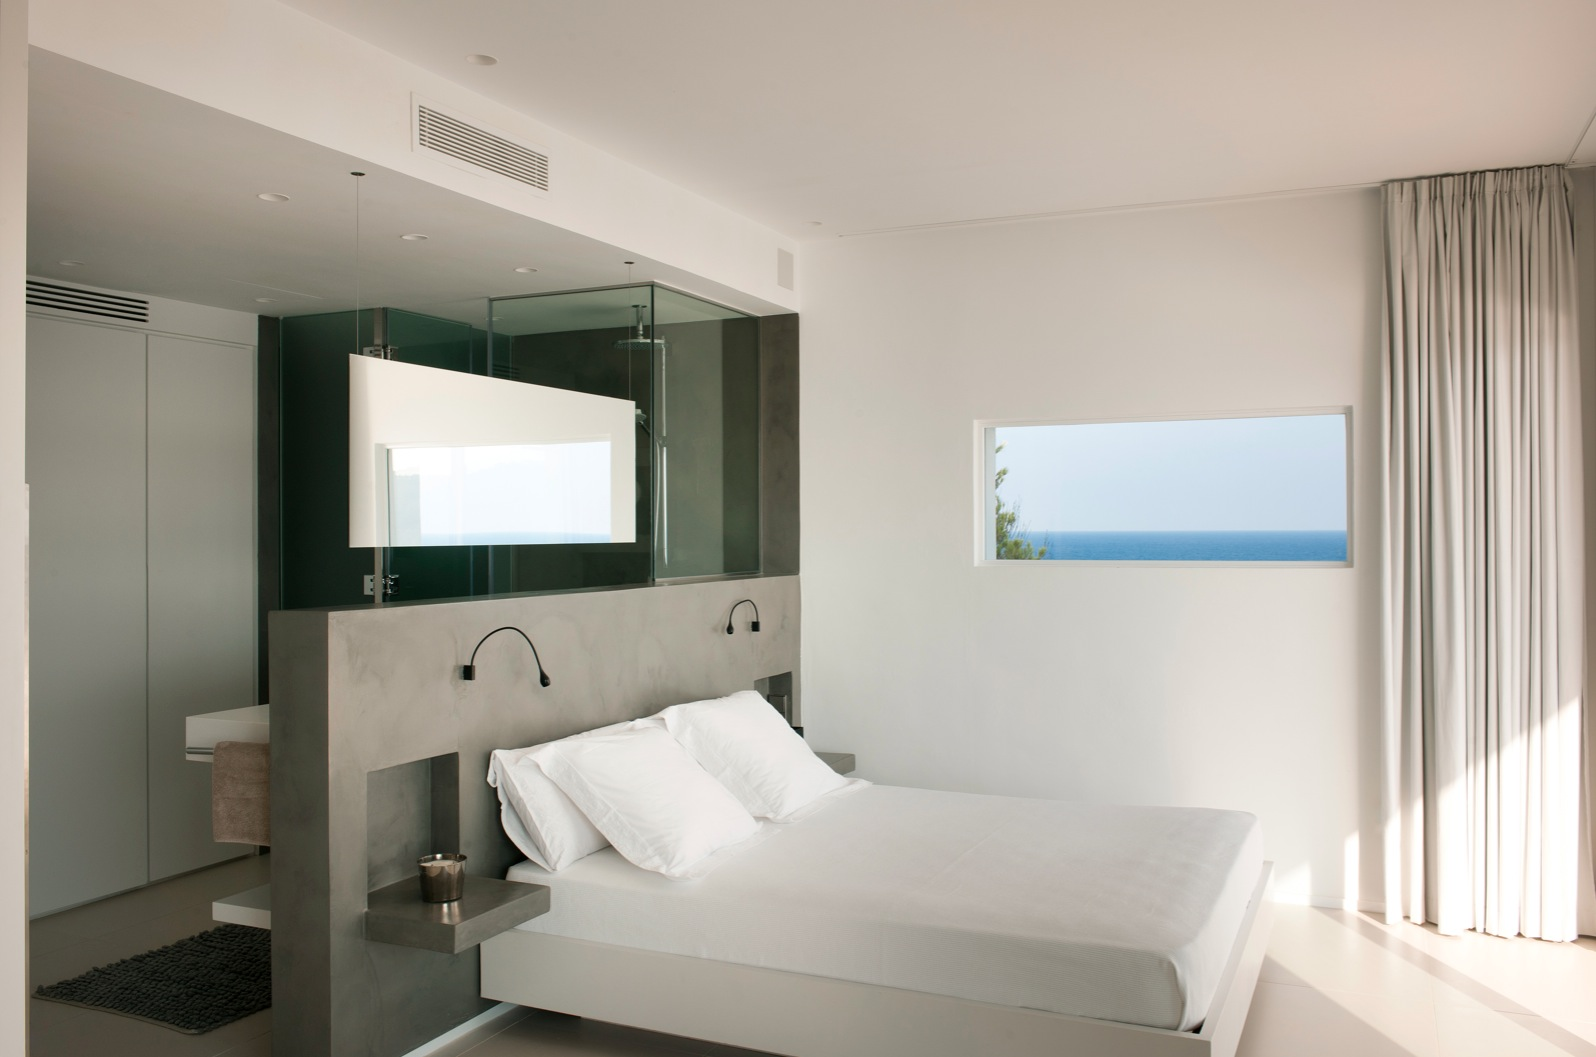 صوره حمامات داخل غرف النوم , ديكور لغرف النوم ووجود حمام داخل الغرفه